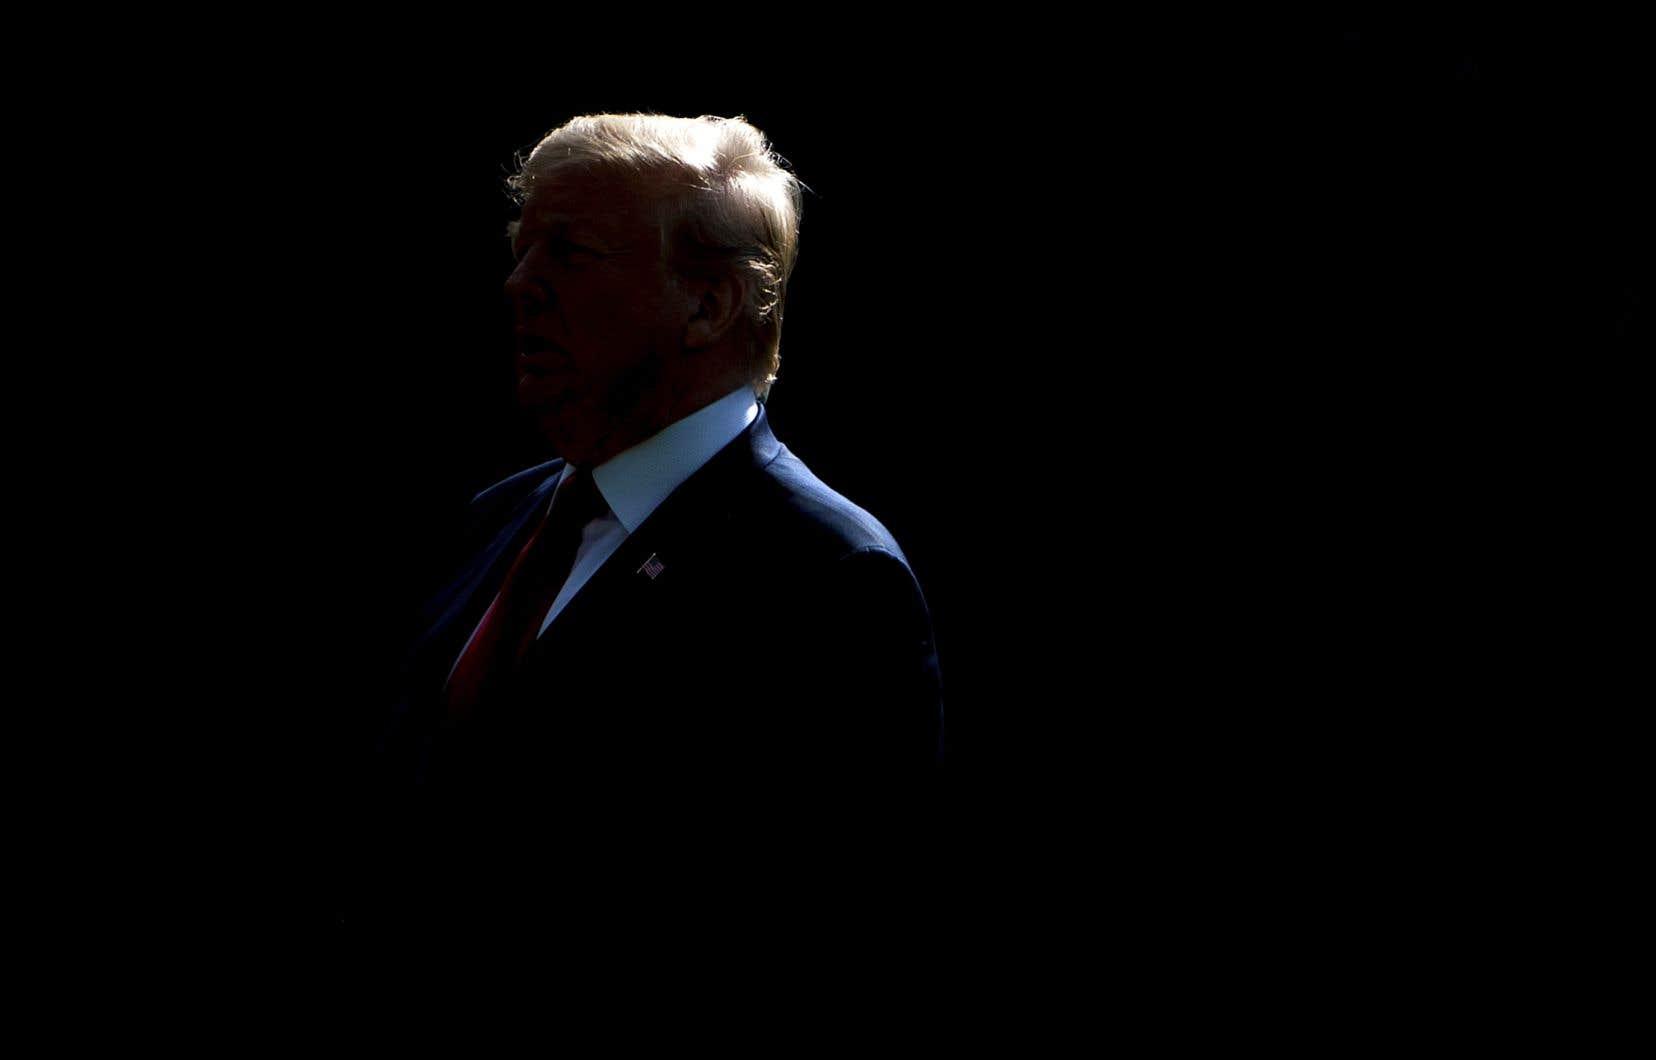 «Quiconque fait des affaires avec l'Iran ne fera PAS d'affaires avec les États-Unis. Je demande la PAIX MONDIALE, rien de moins», a «tweeté» Donald Trump.